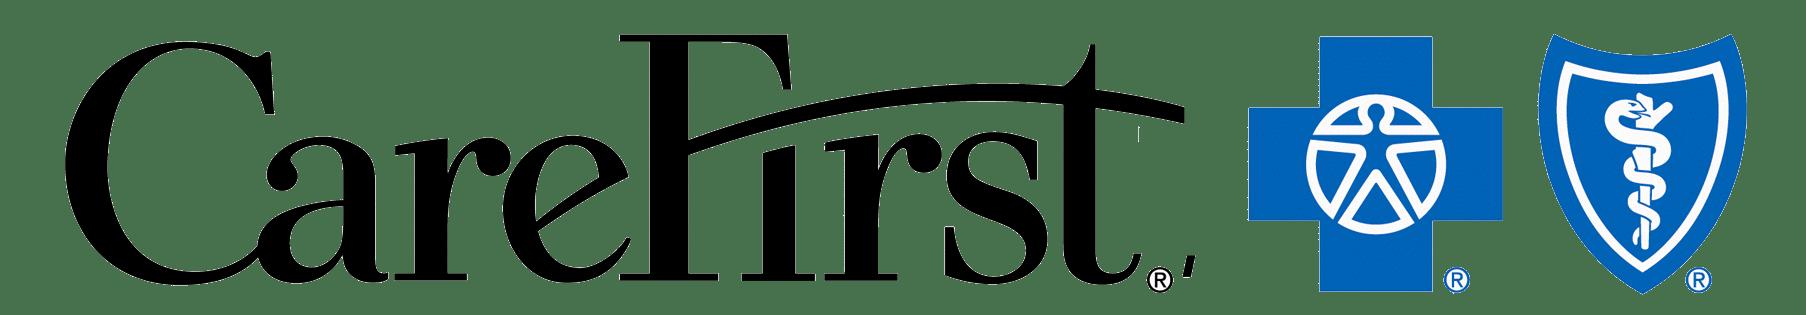 CareFirst Contributes Toward Combatting Opioids